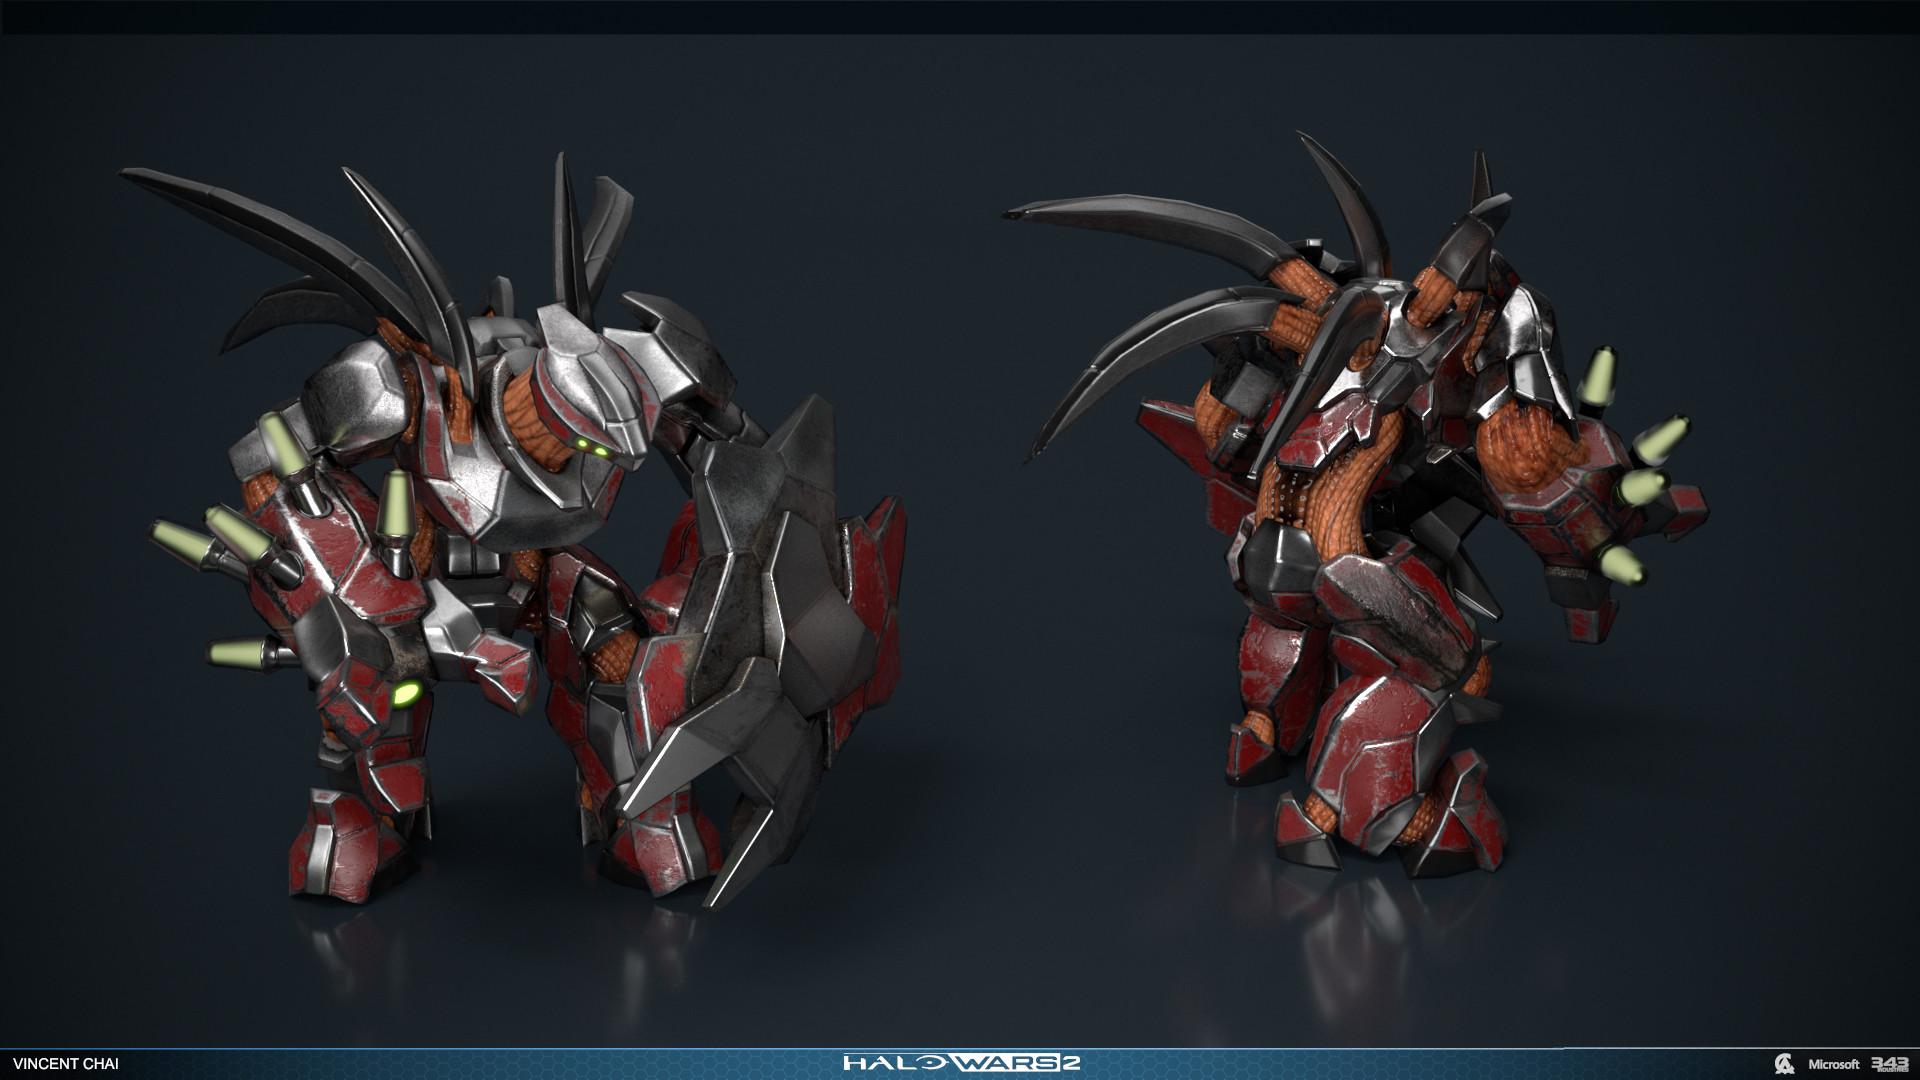 ArtStation - Halo Wars 2 Units Dump, Vincent Chai